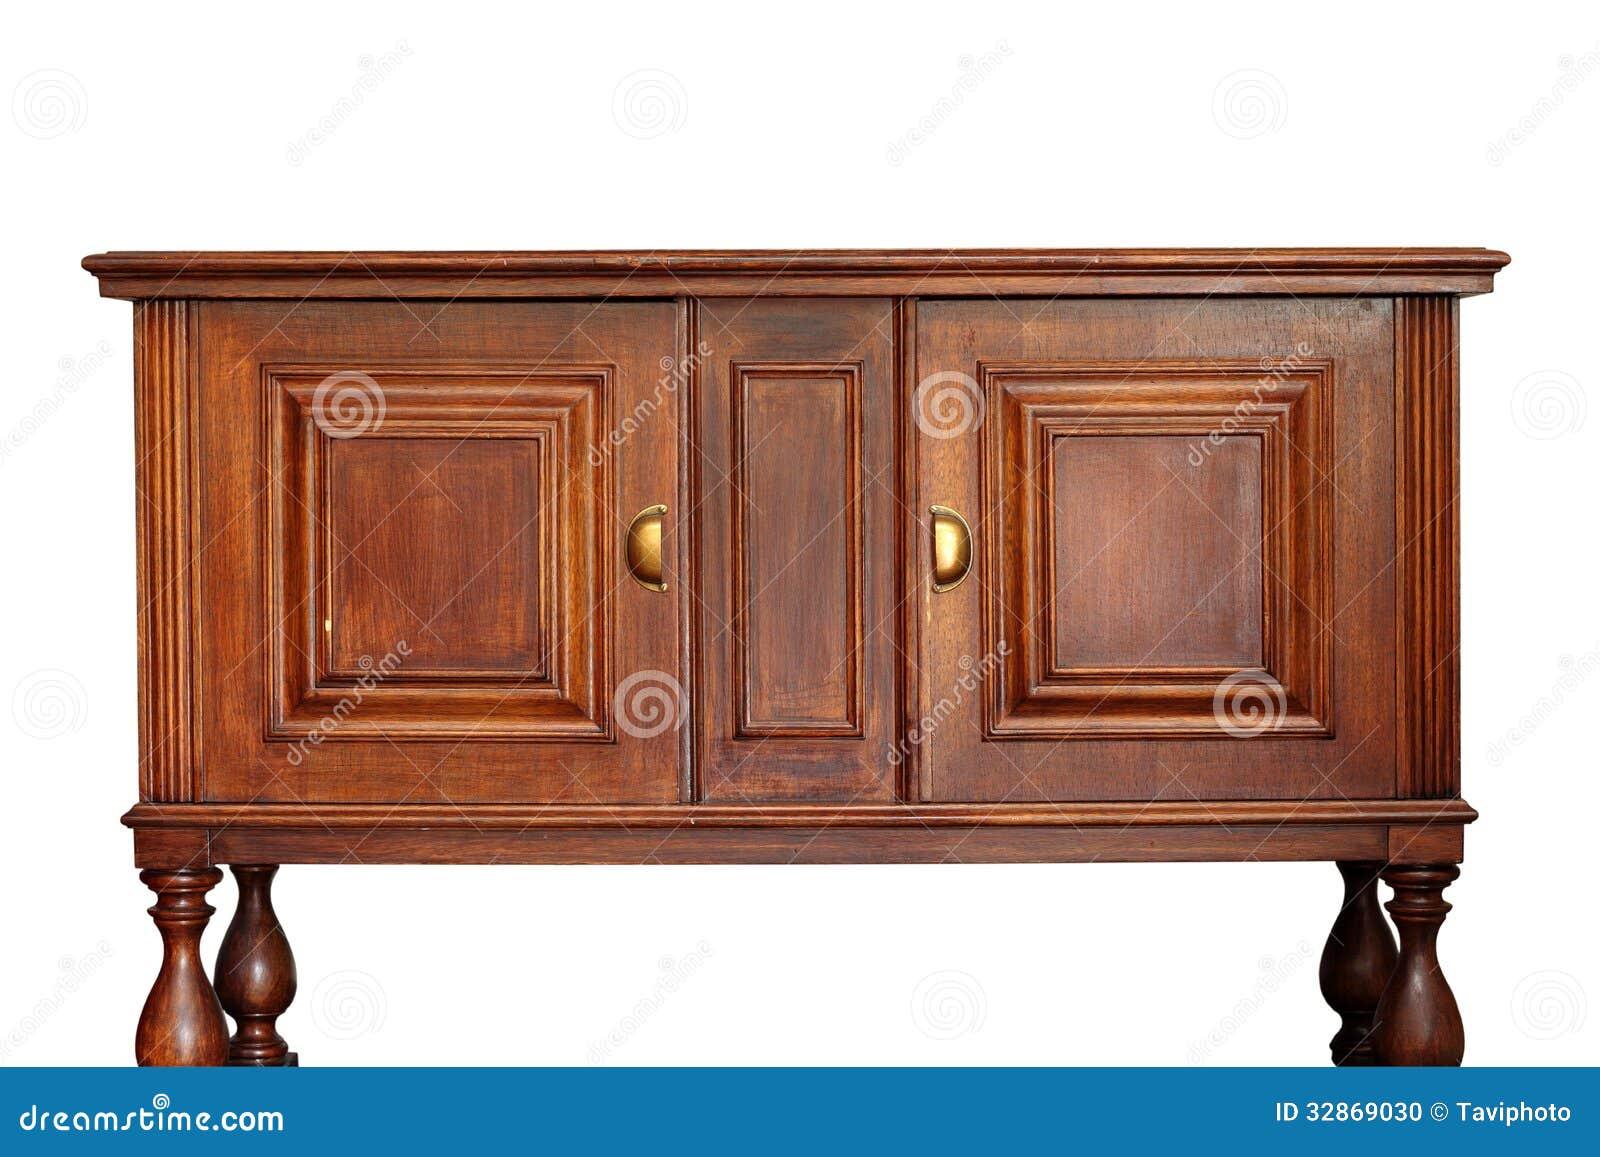 Muebles de madera antiguos sobre blanco foto de archivo - Muebles antiguos de madera ...